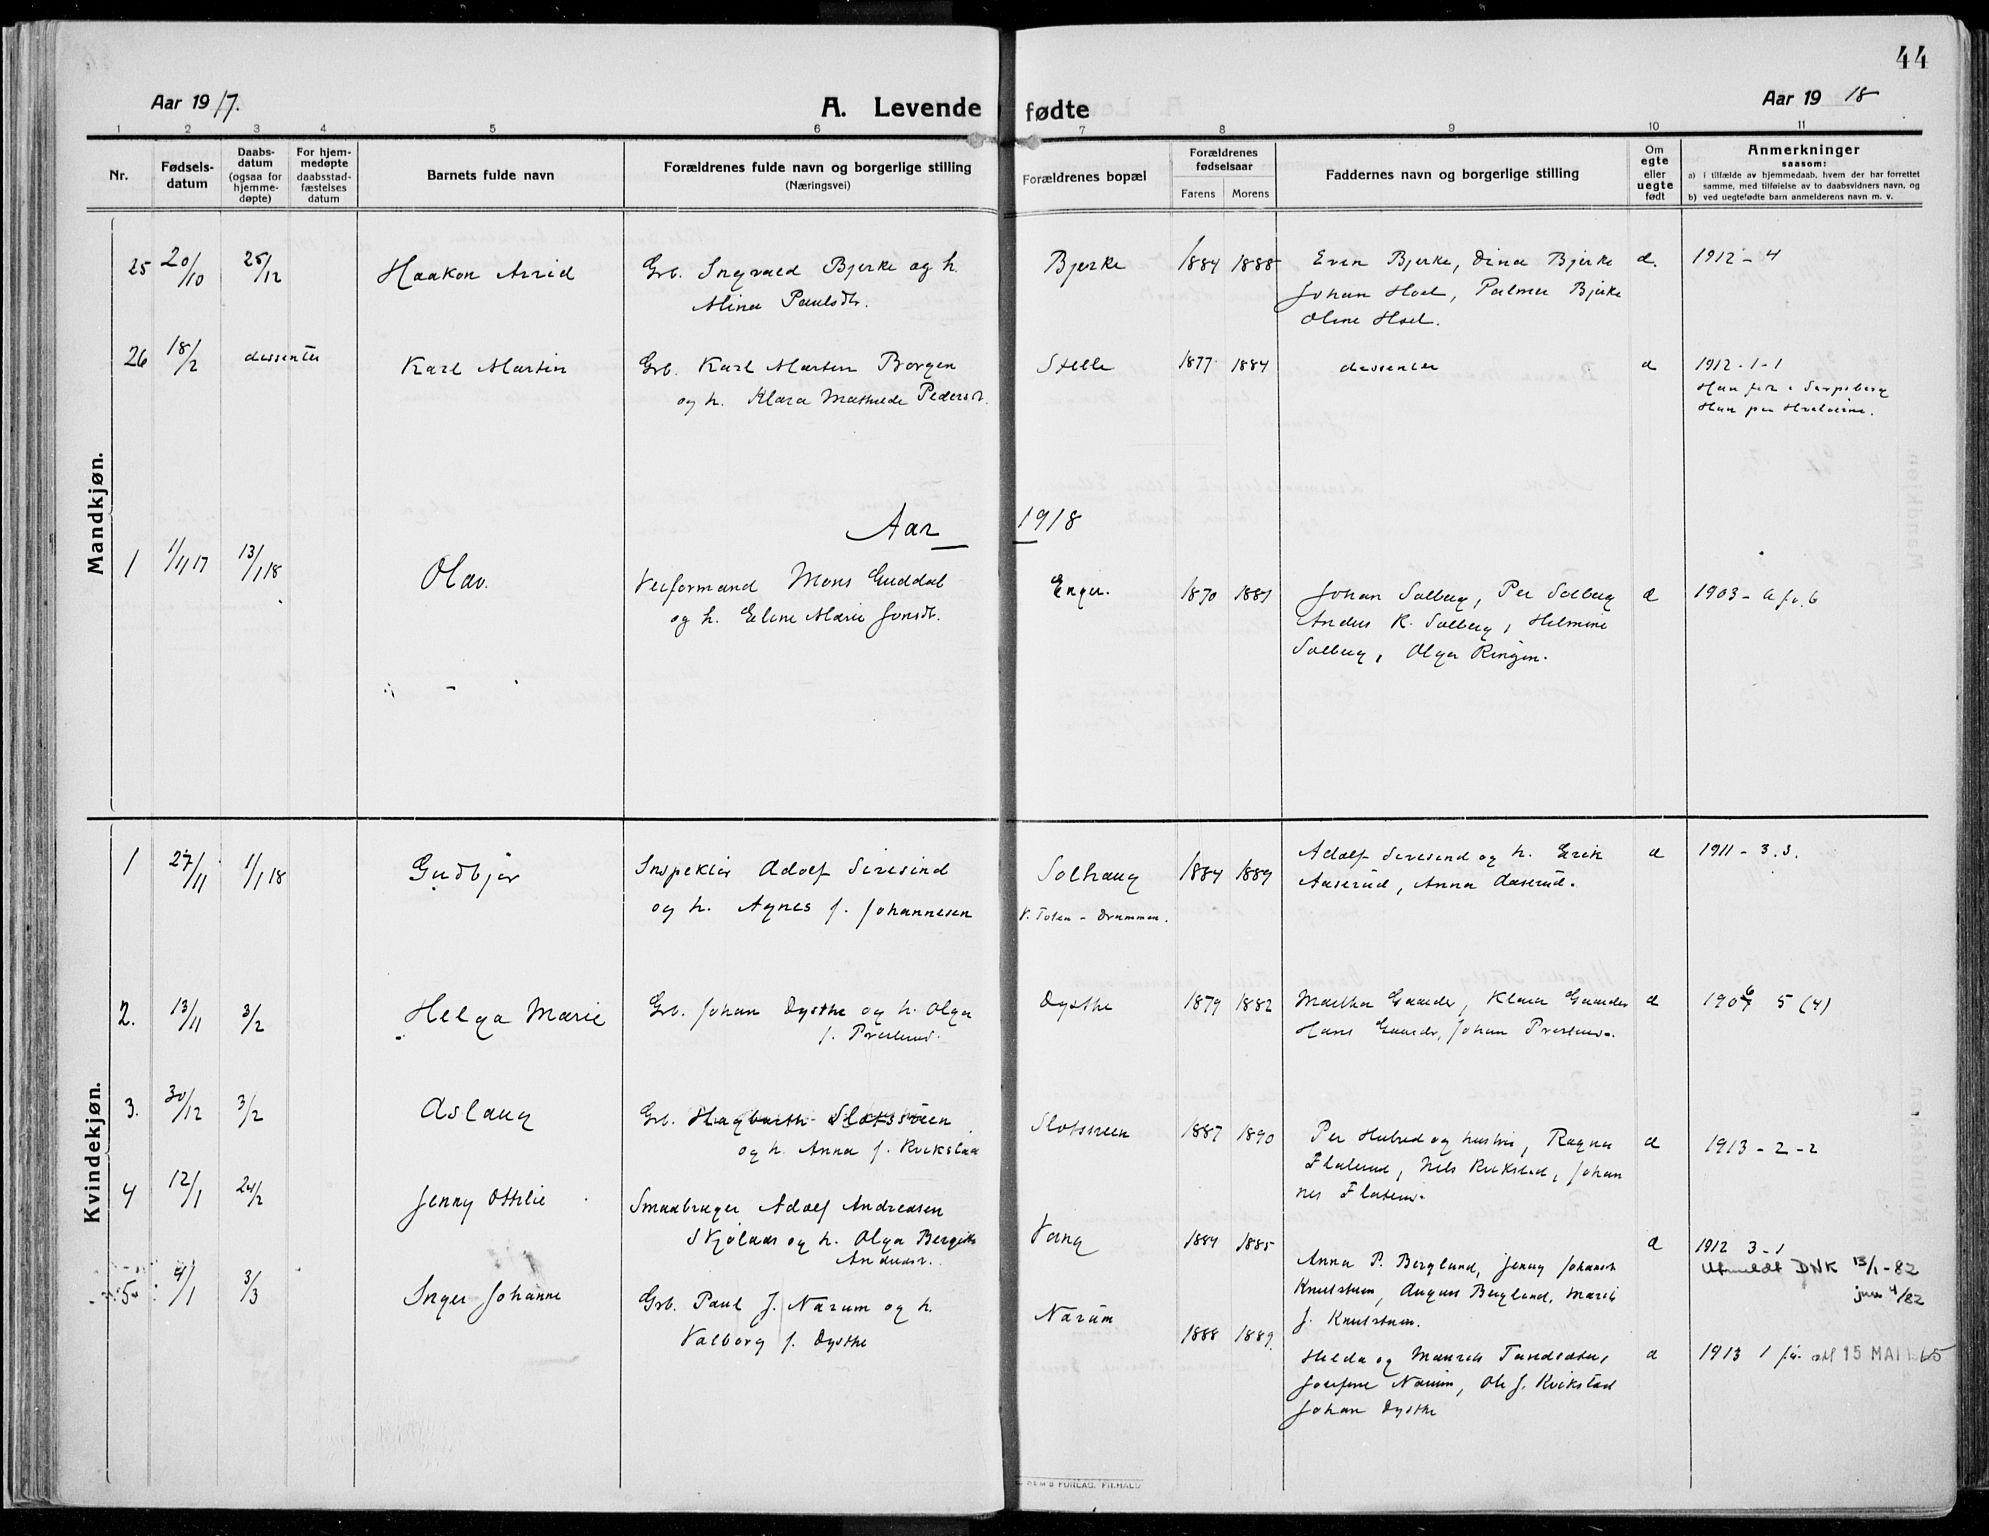 SAH, Kolbu prestekontor, Ministerialbok nr. 2, 1912-1926, s. 44